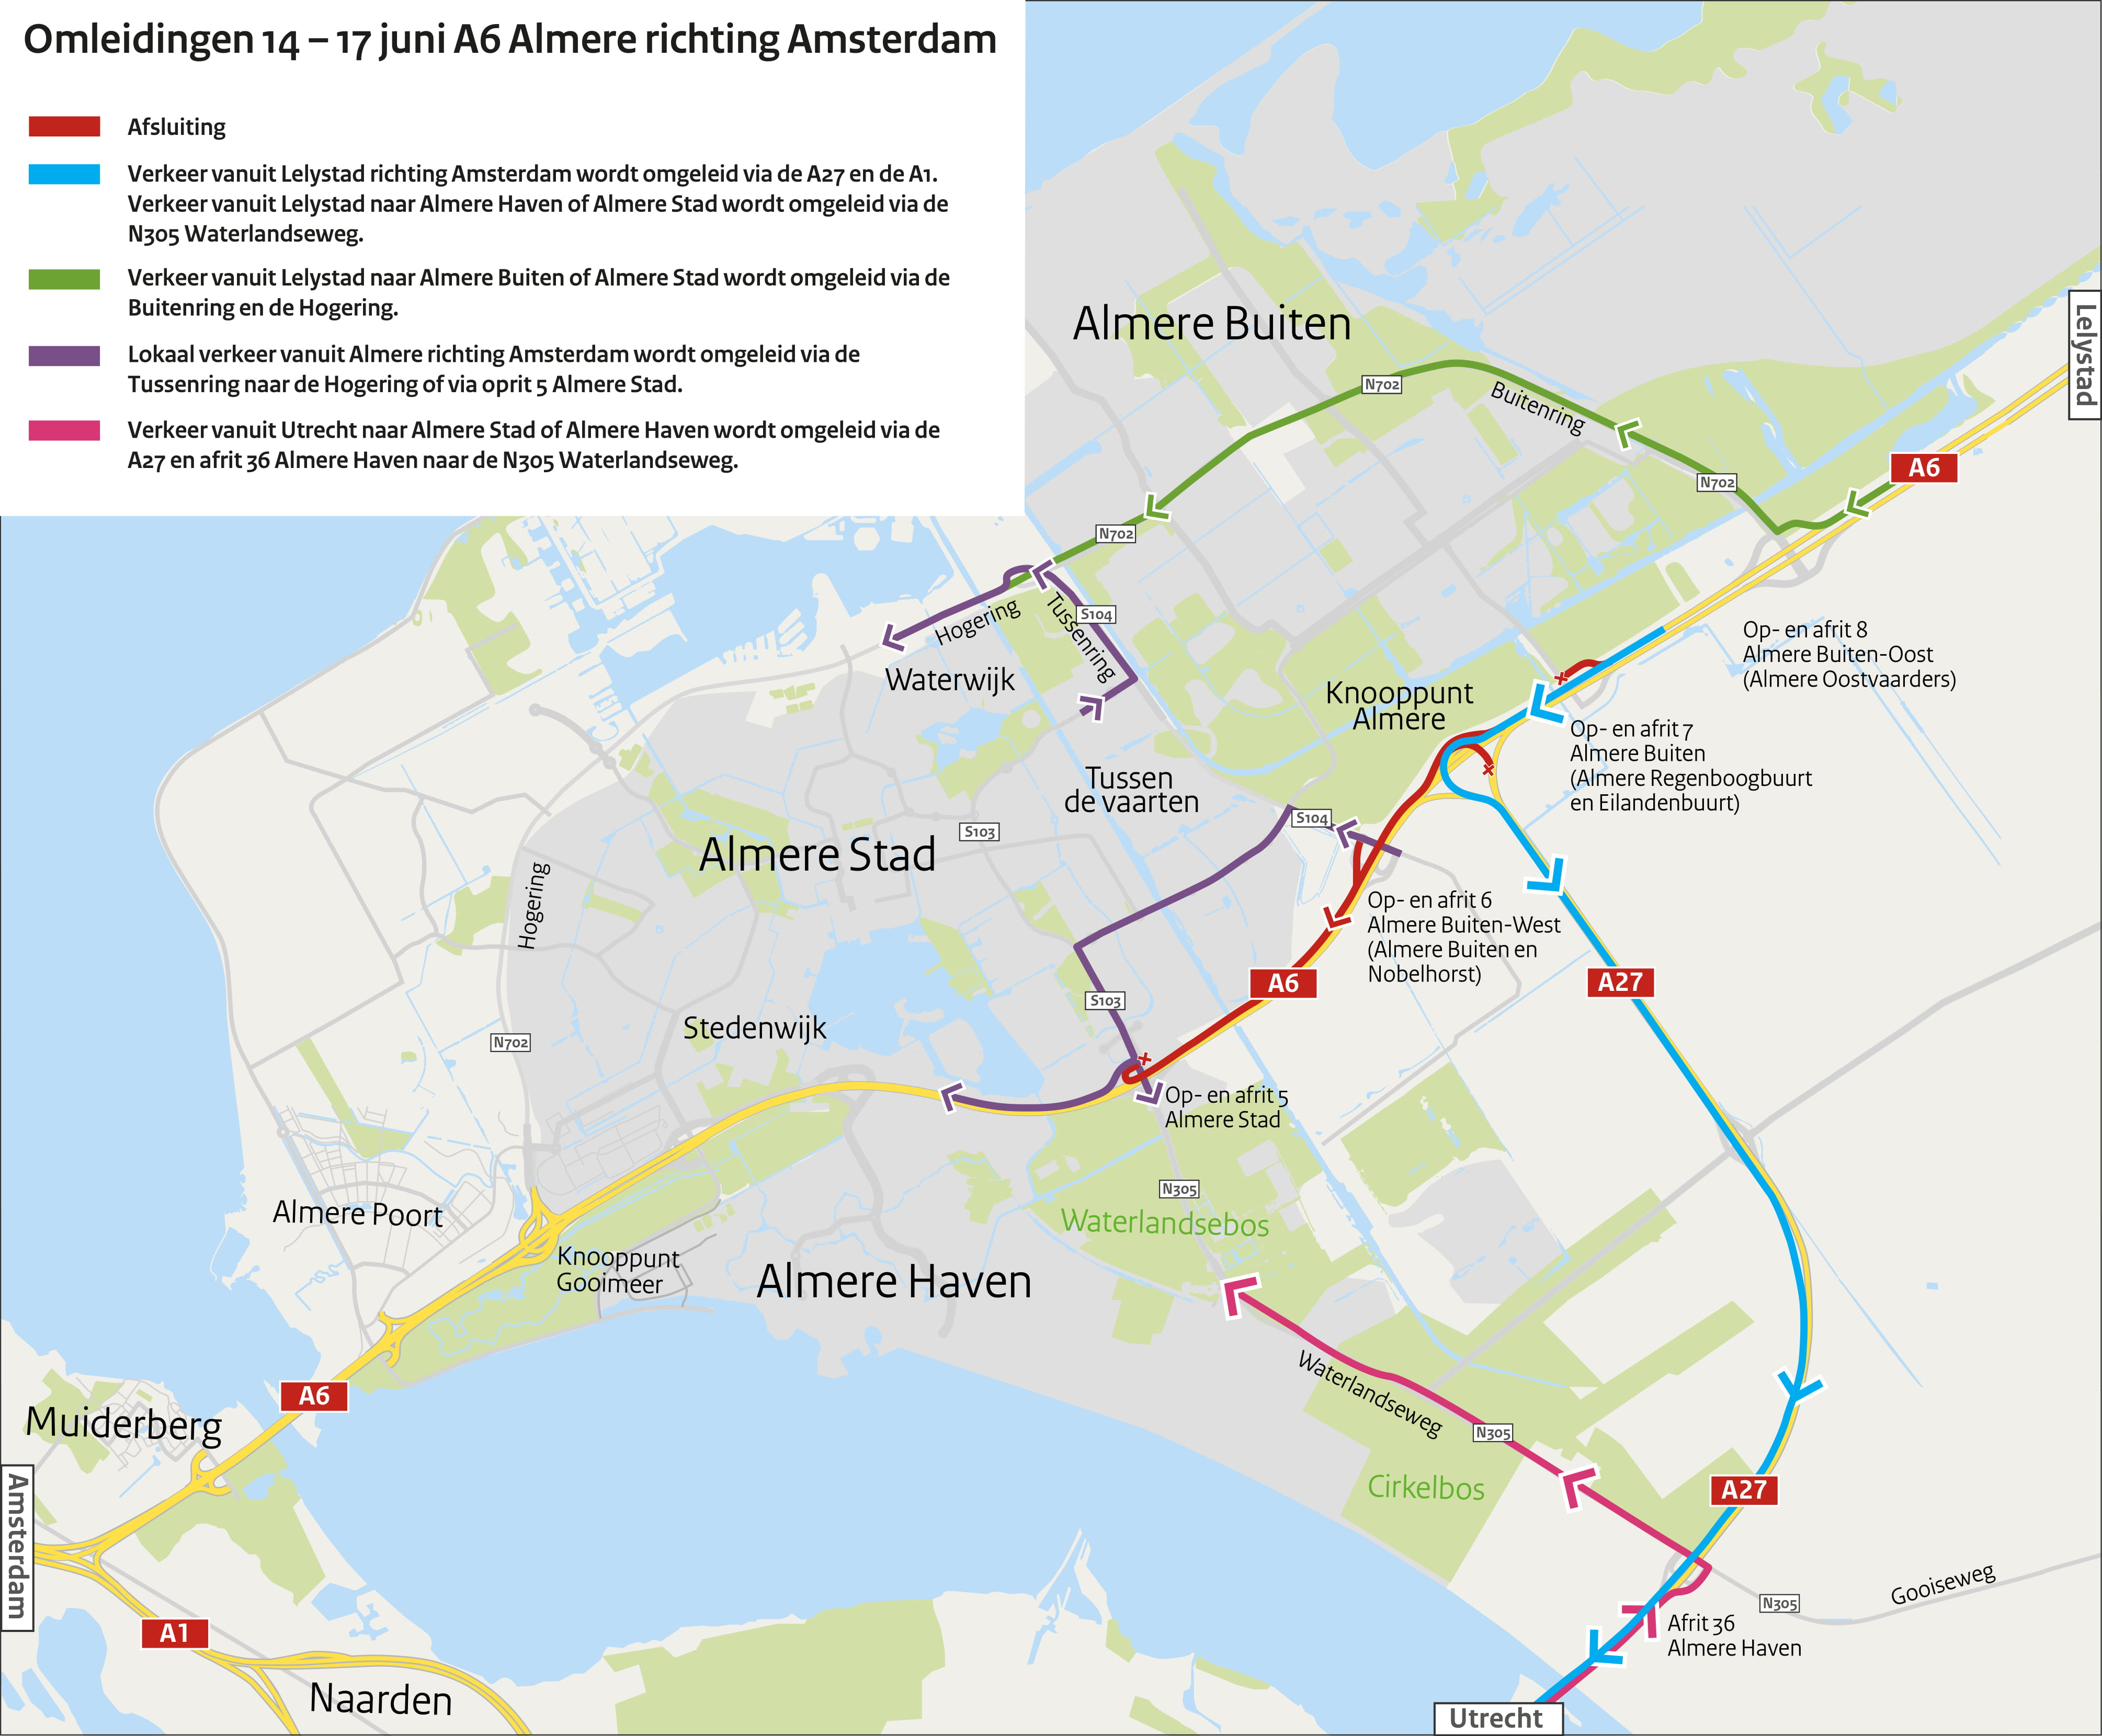 Kaart Almere Hogering En A27 06 06 19 D1 1 Rijkswaterstaat